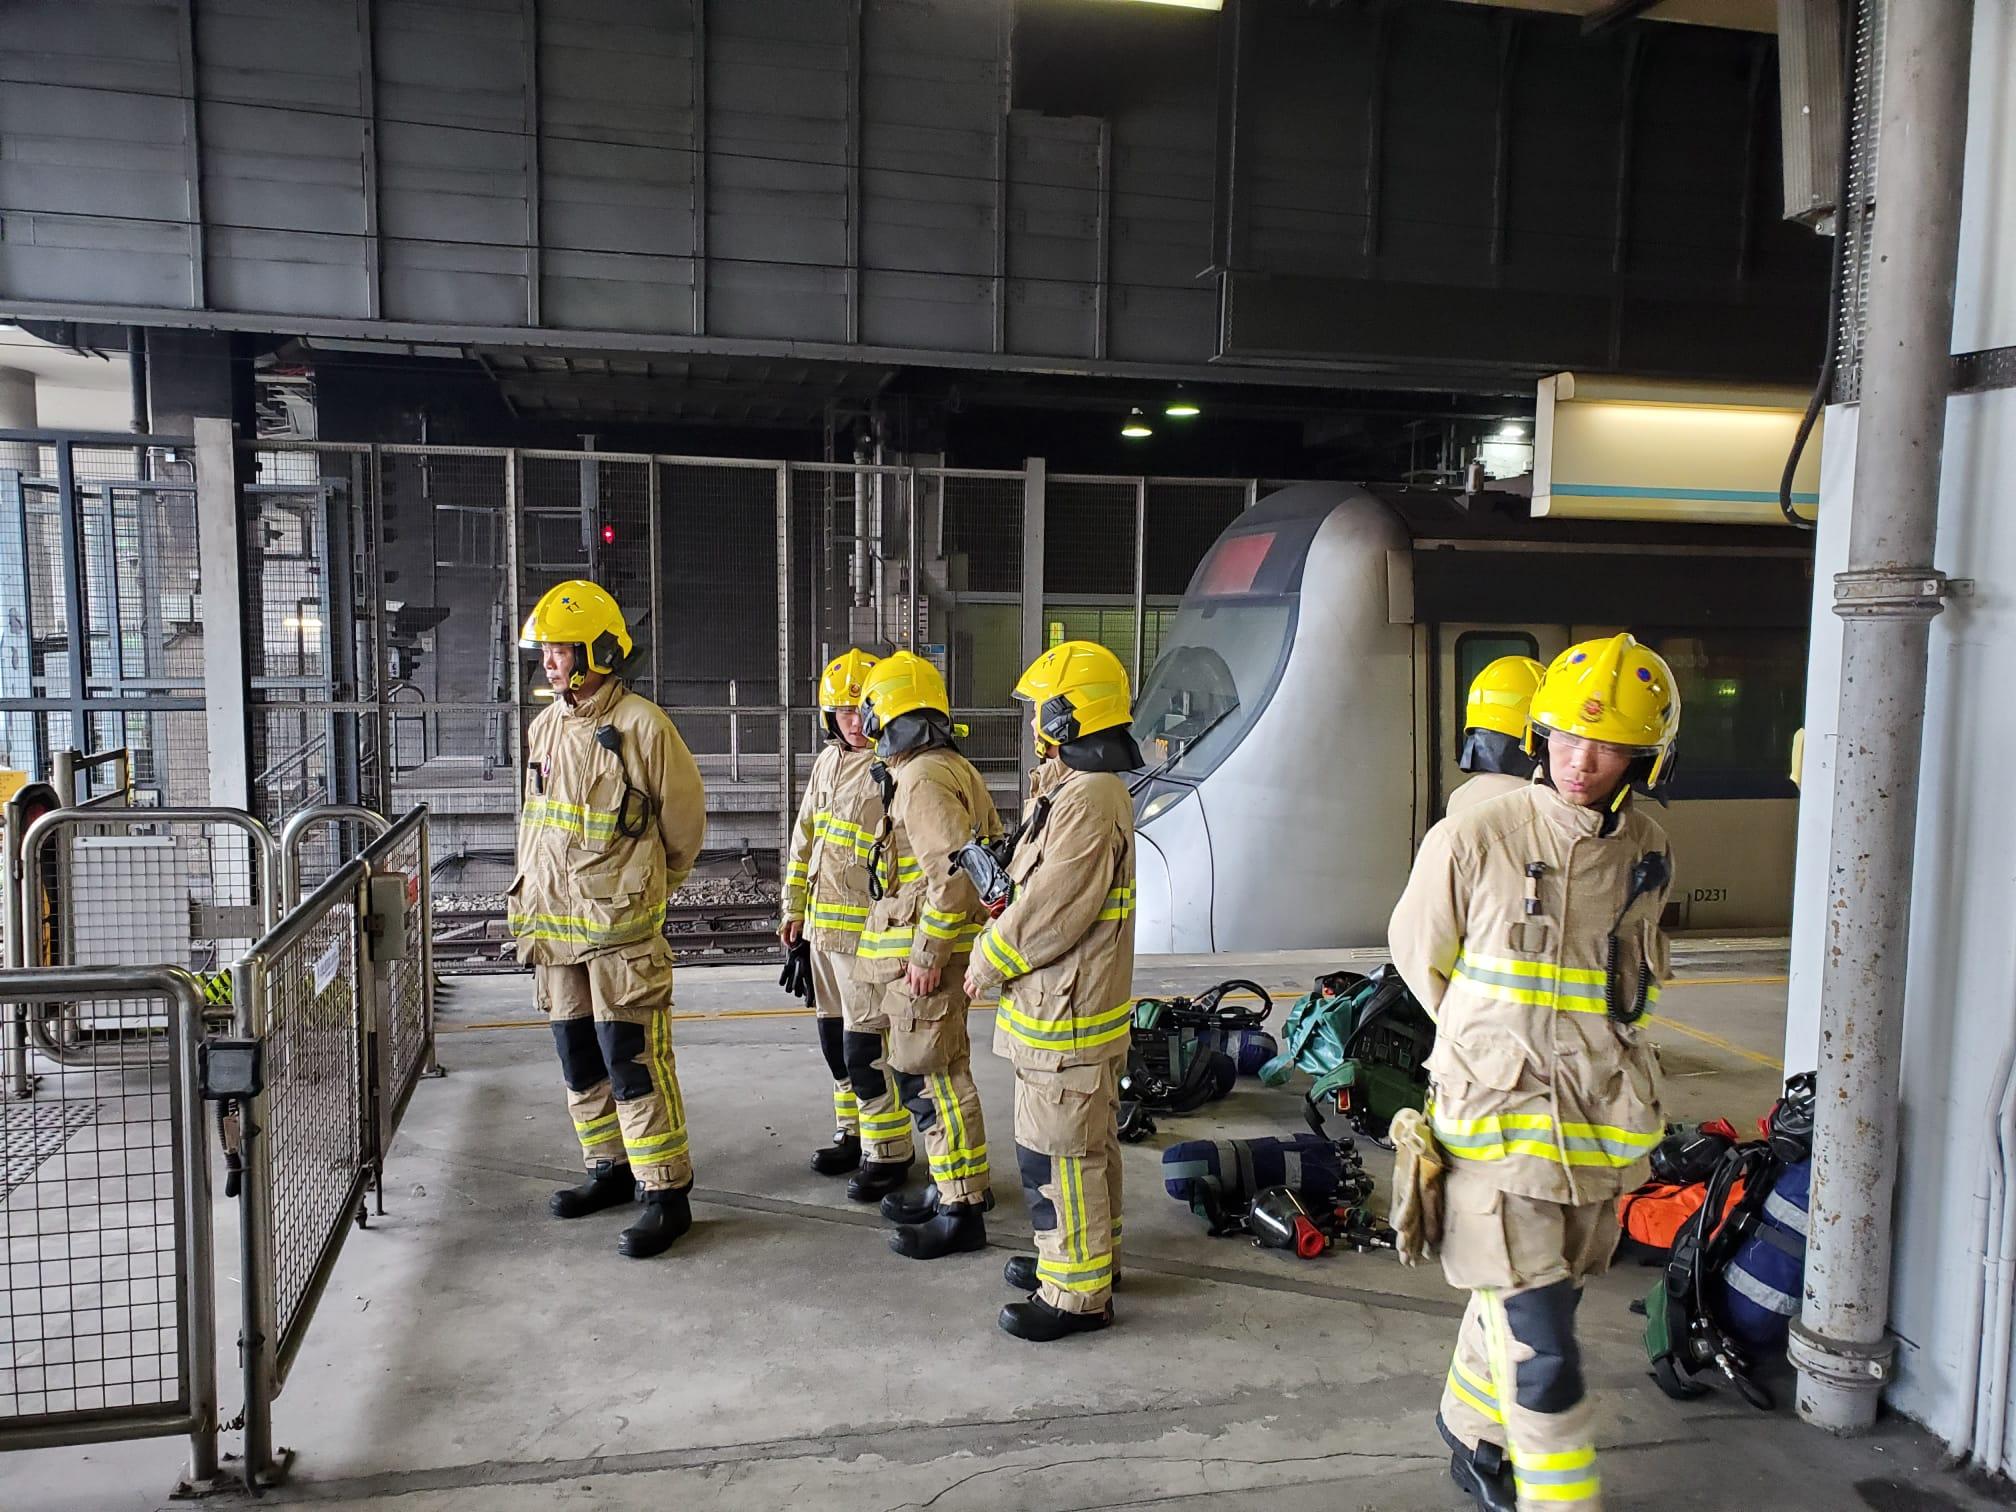 【大三罢】红磡站对开路轨被投掷汽油弹 消防指无对路轨造成损害